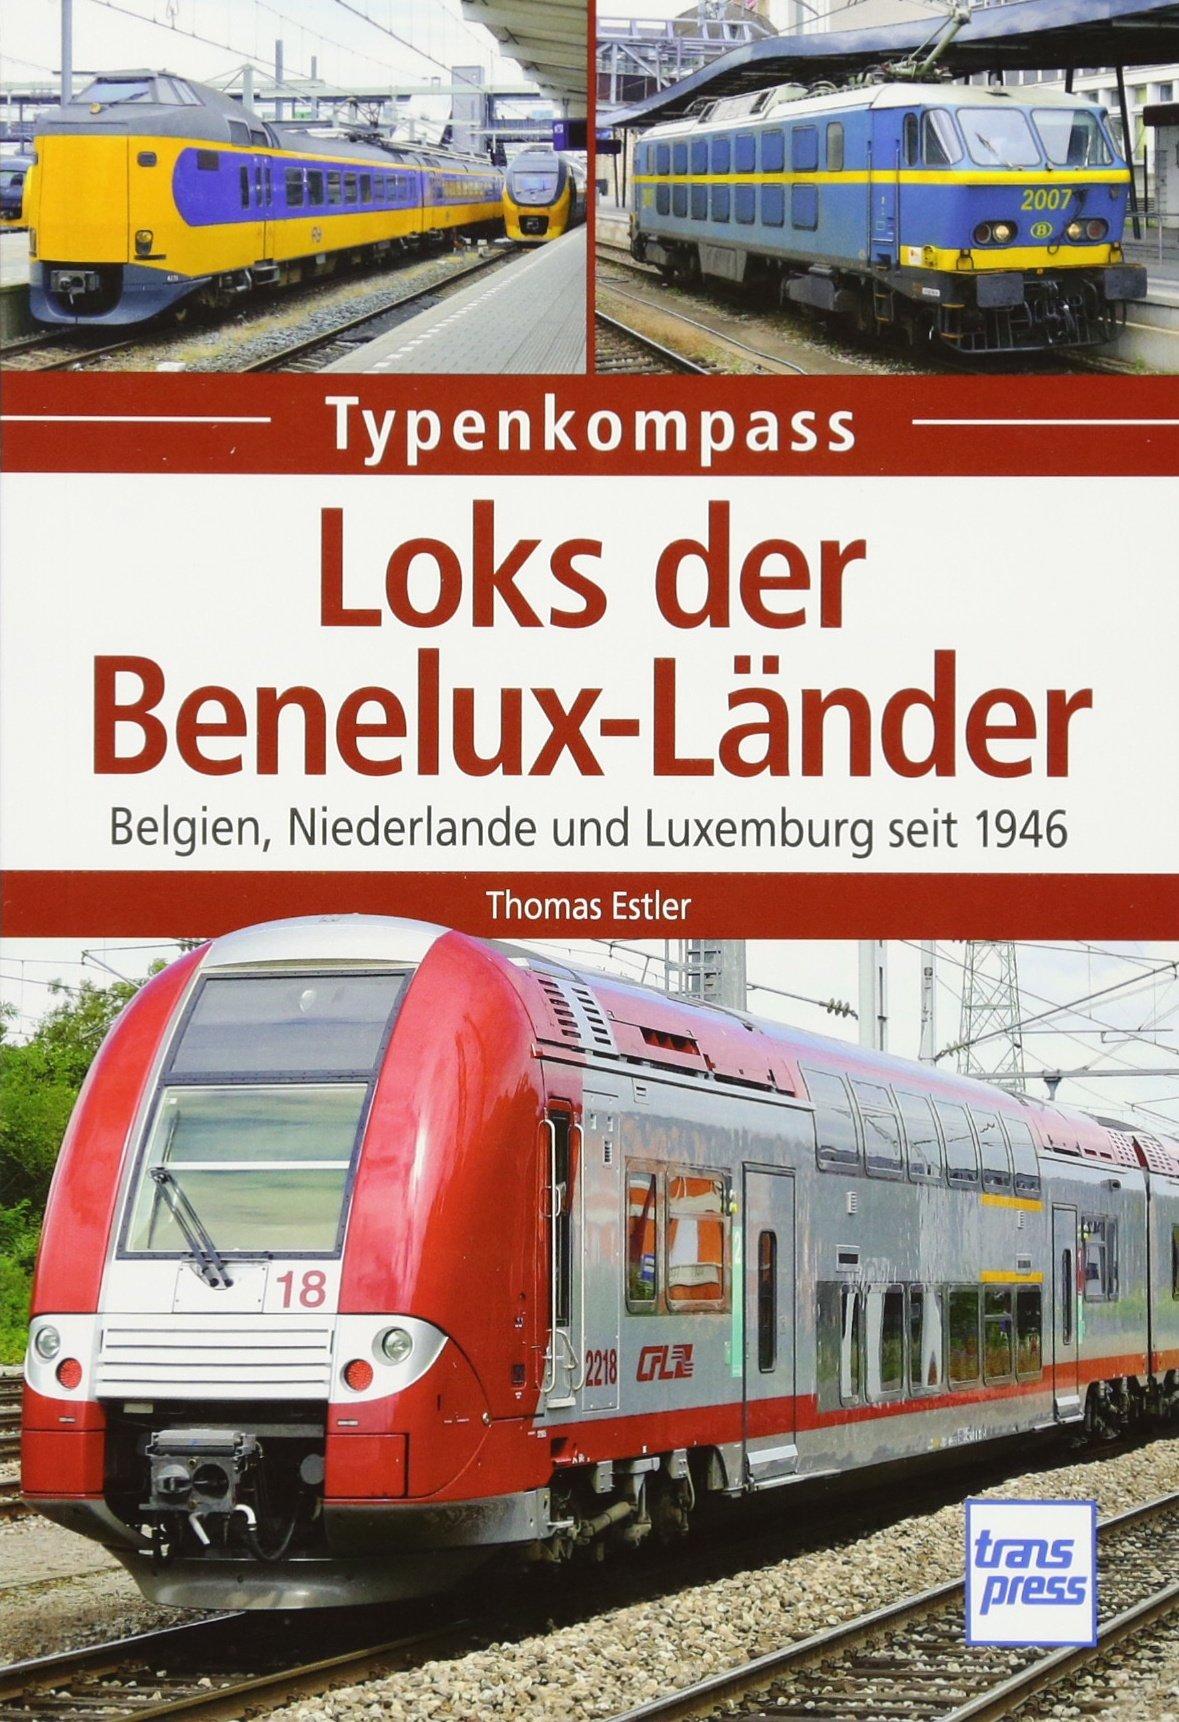 Loks der Benelux-Länder: Belgien, Niederlande und Luxemburg seit 1946 (Typenkompass)